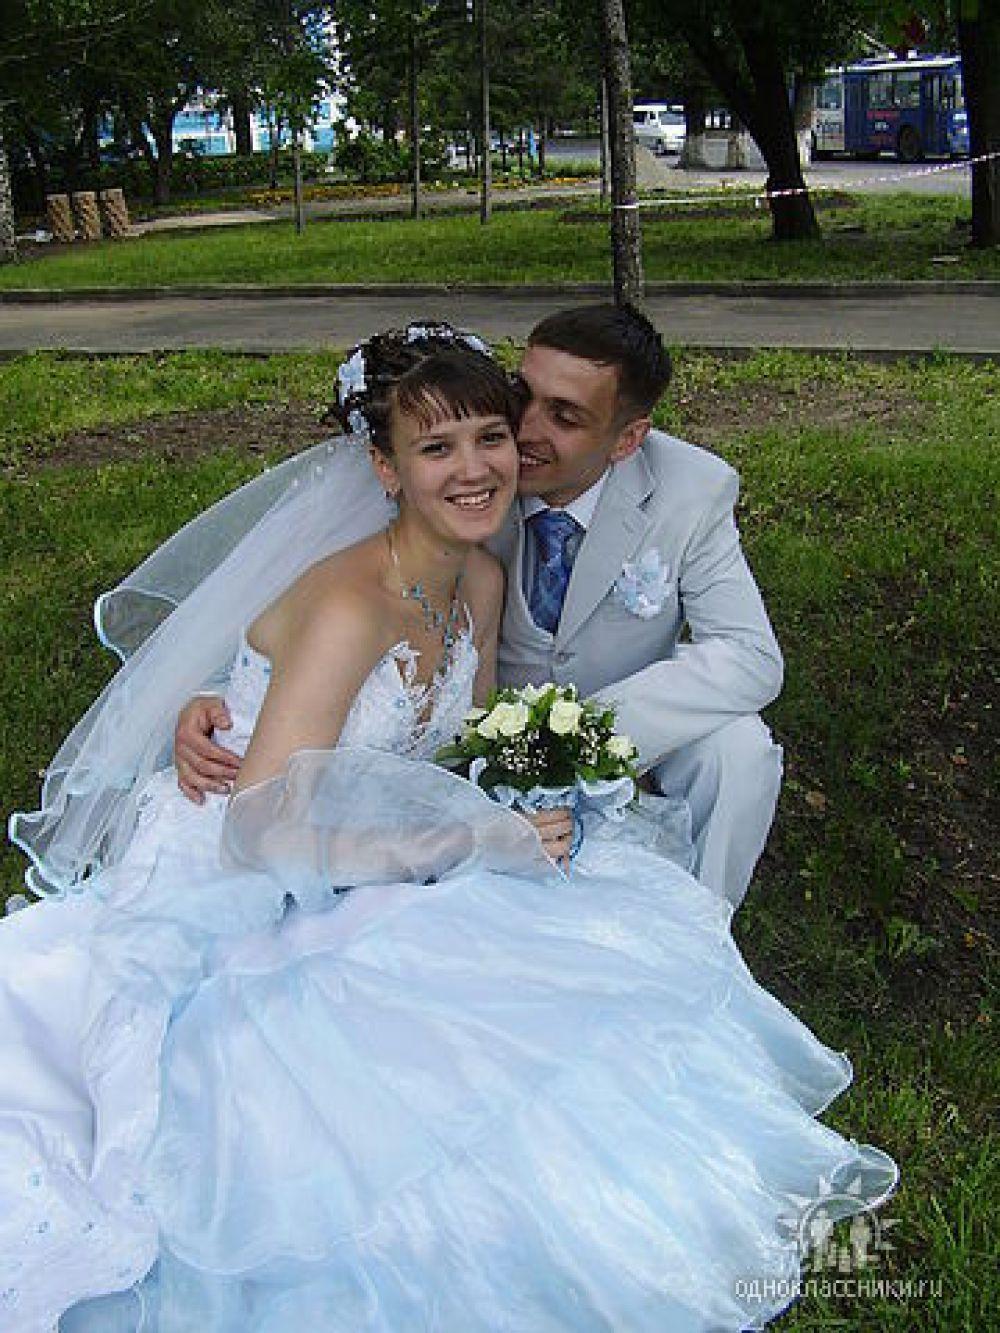 Пара №6. Виталий и Анастасия, в браке 8 лет. Фото сделано в 2007 году.